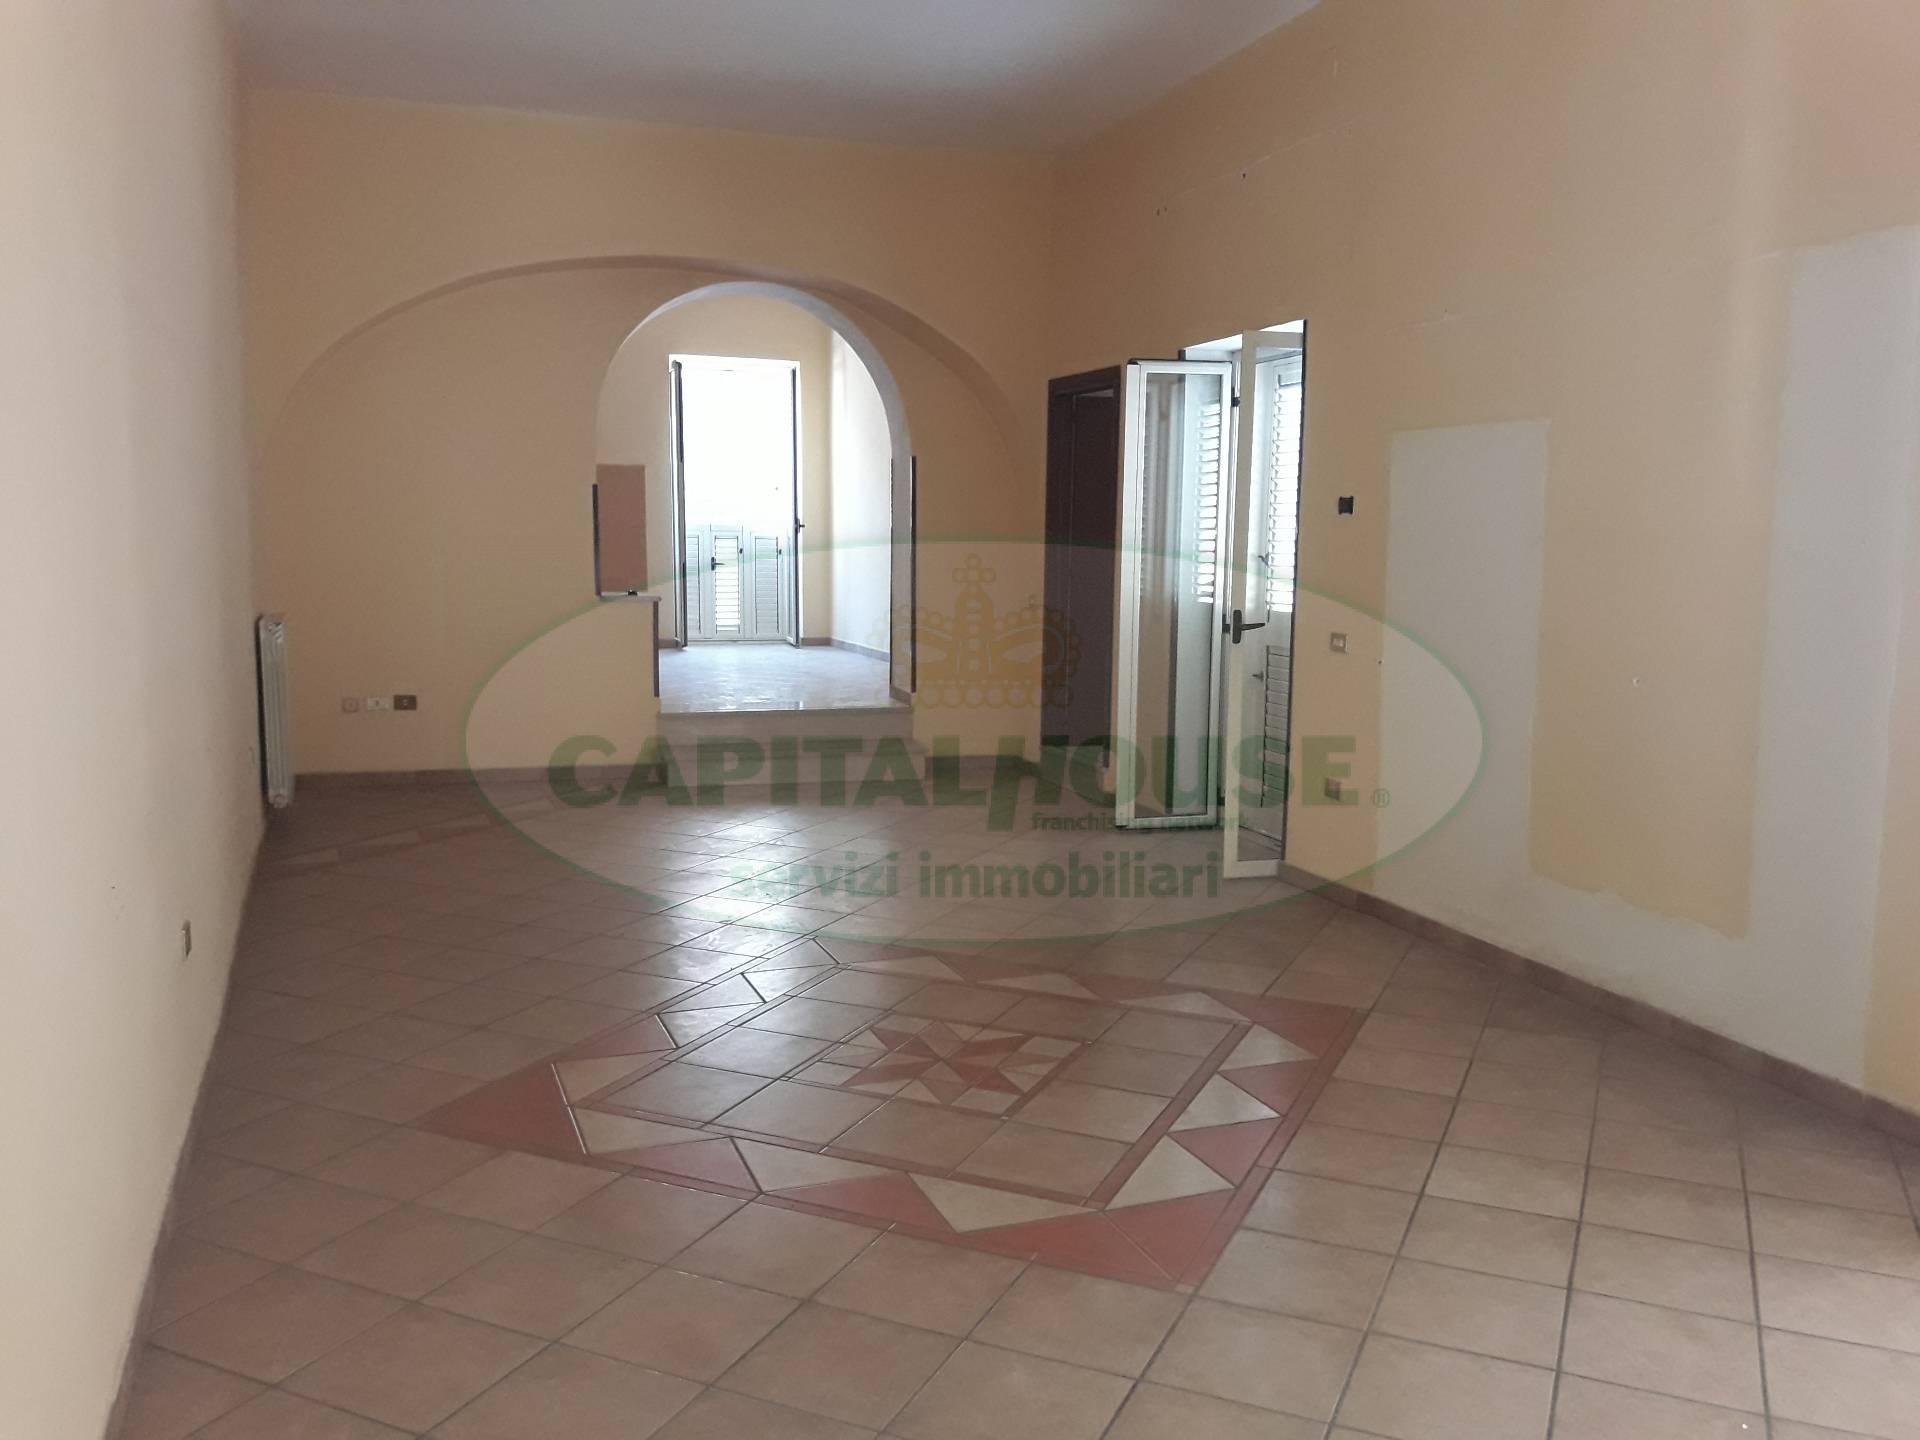 Appartamento in affitto a Portico di Caserta, 3 locali, prezzo € 370   Cambio Casa.it